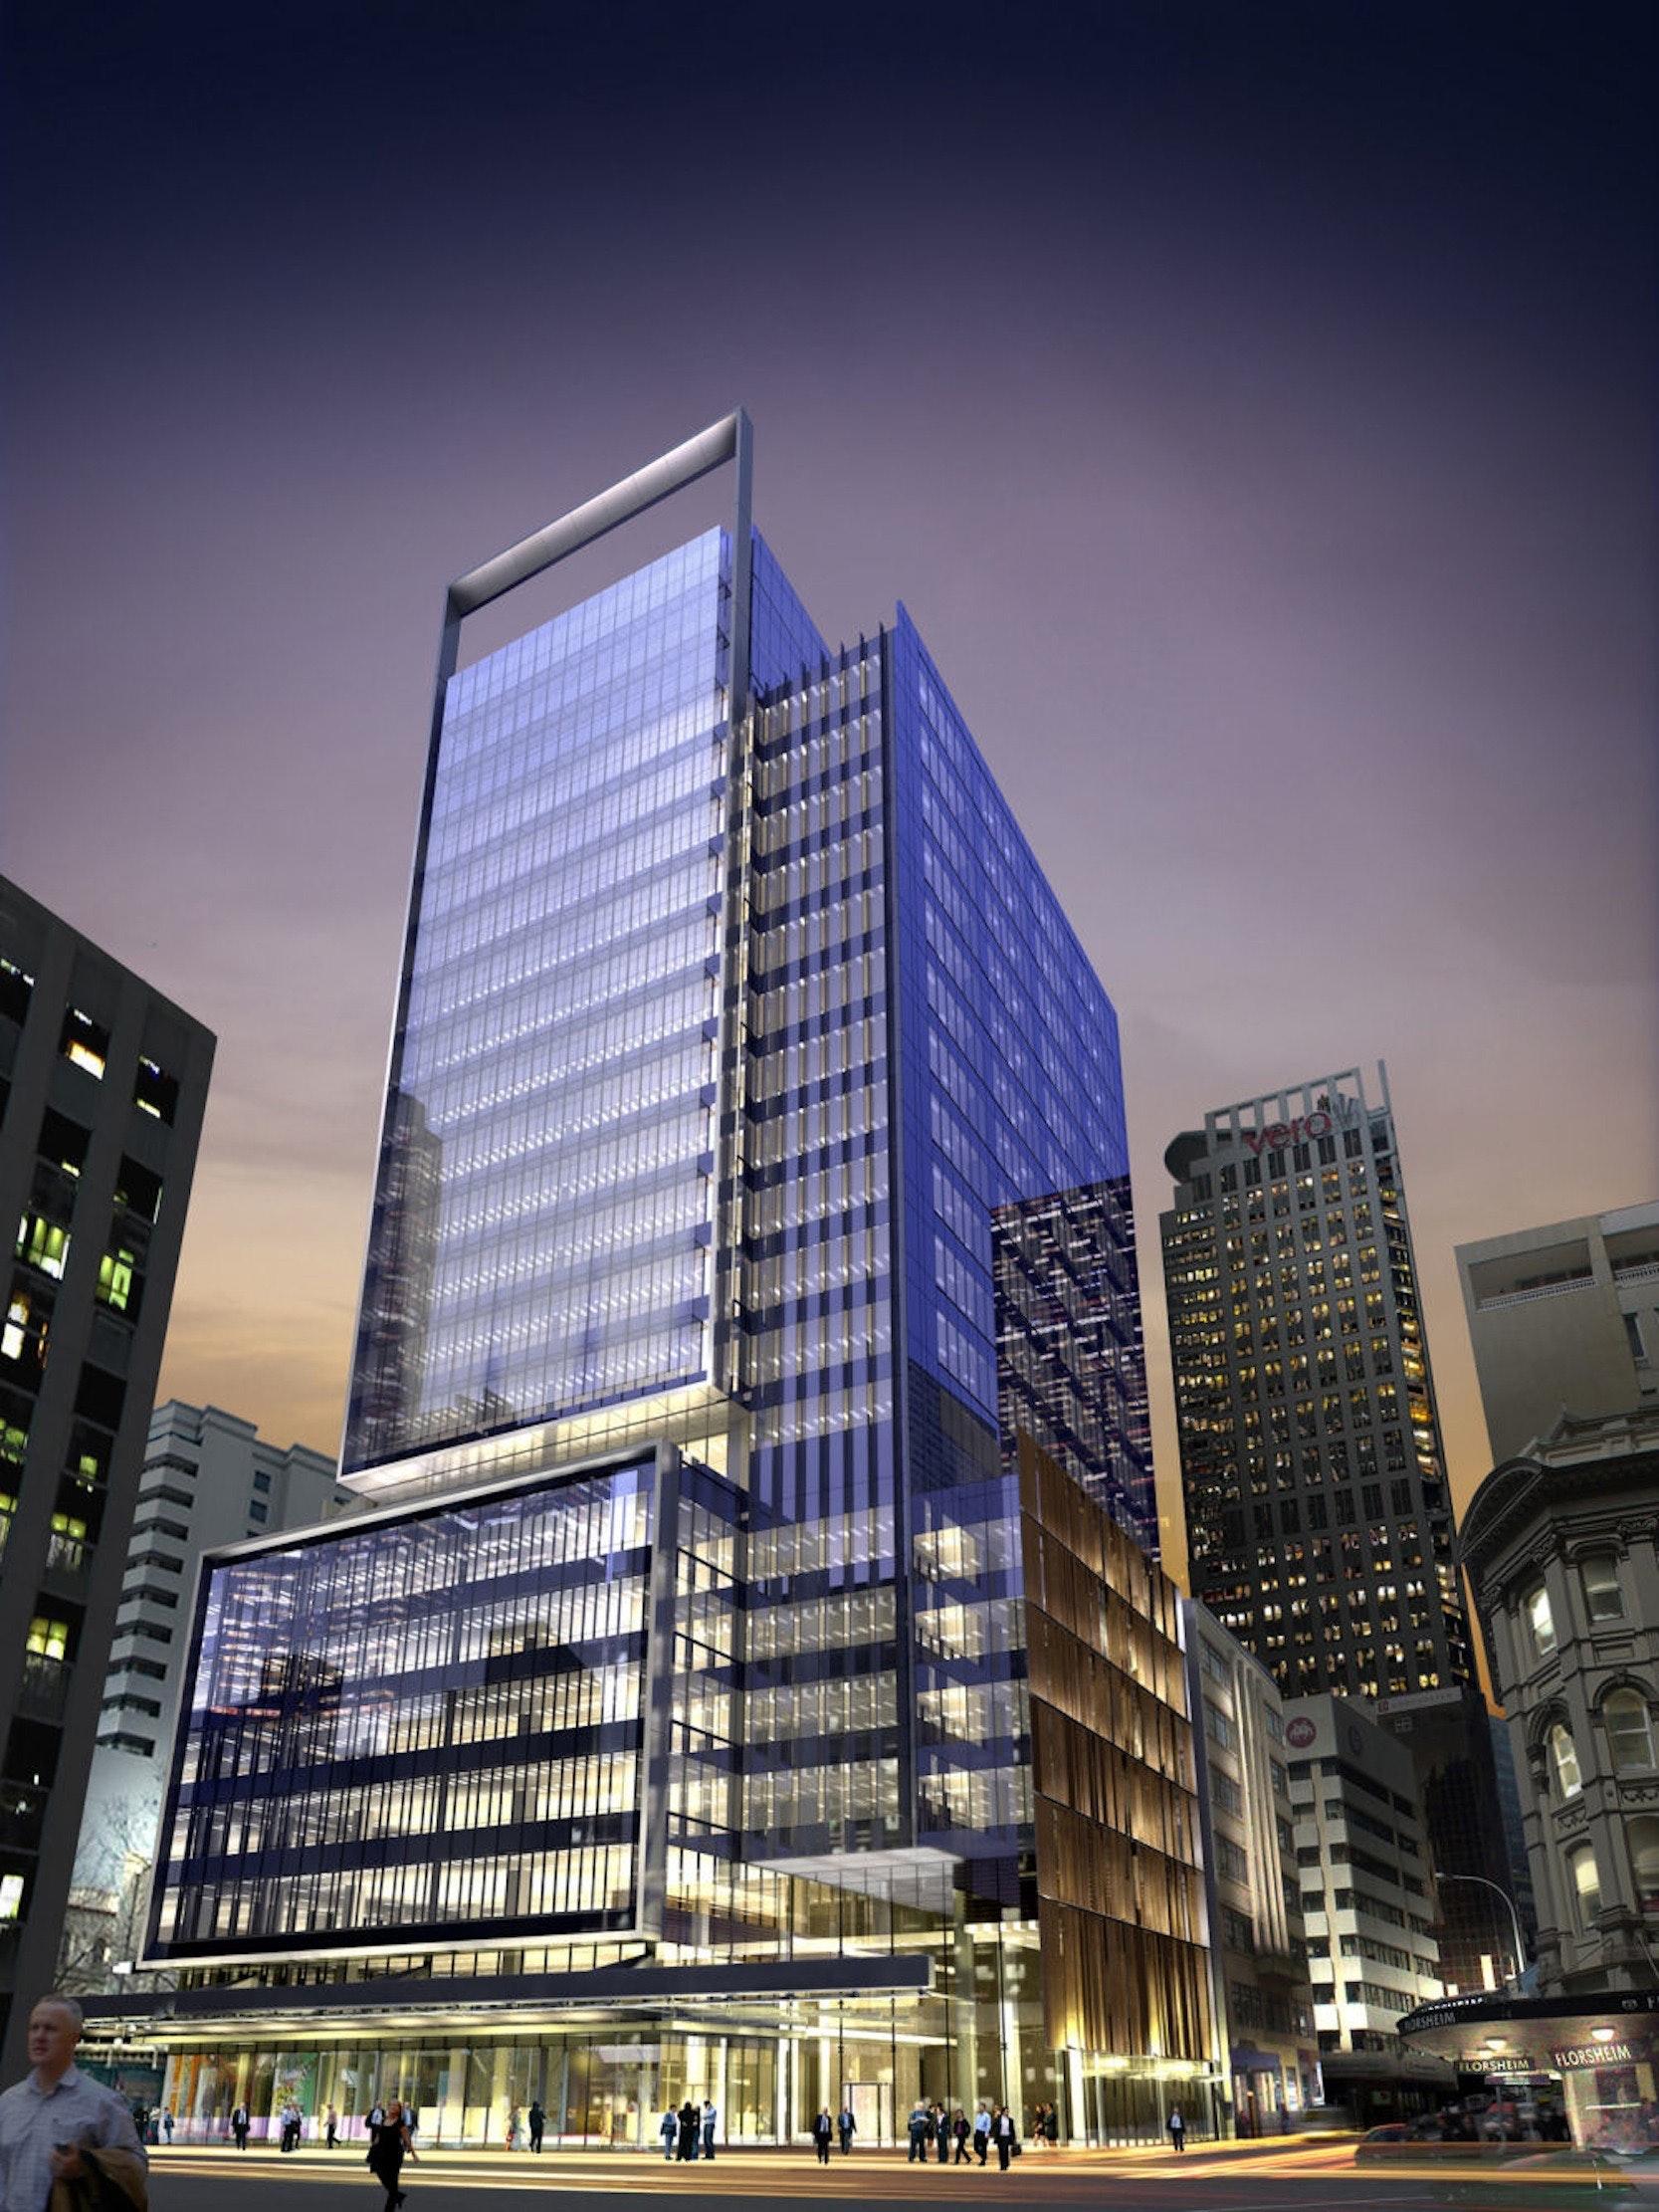 concrete-glass-structure-71114